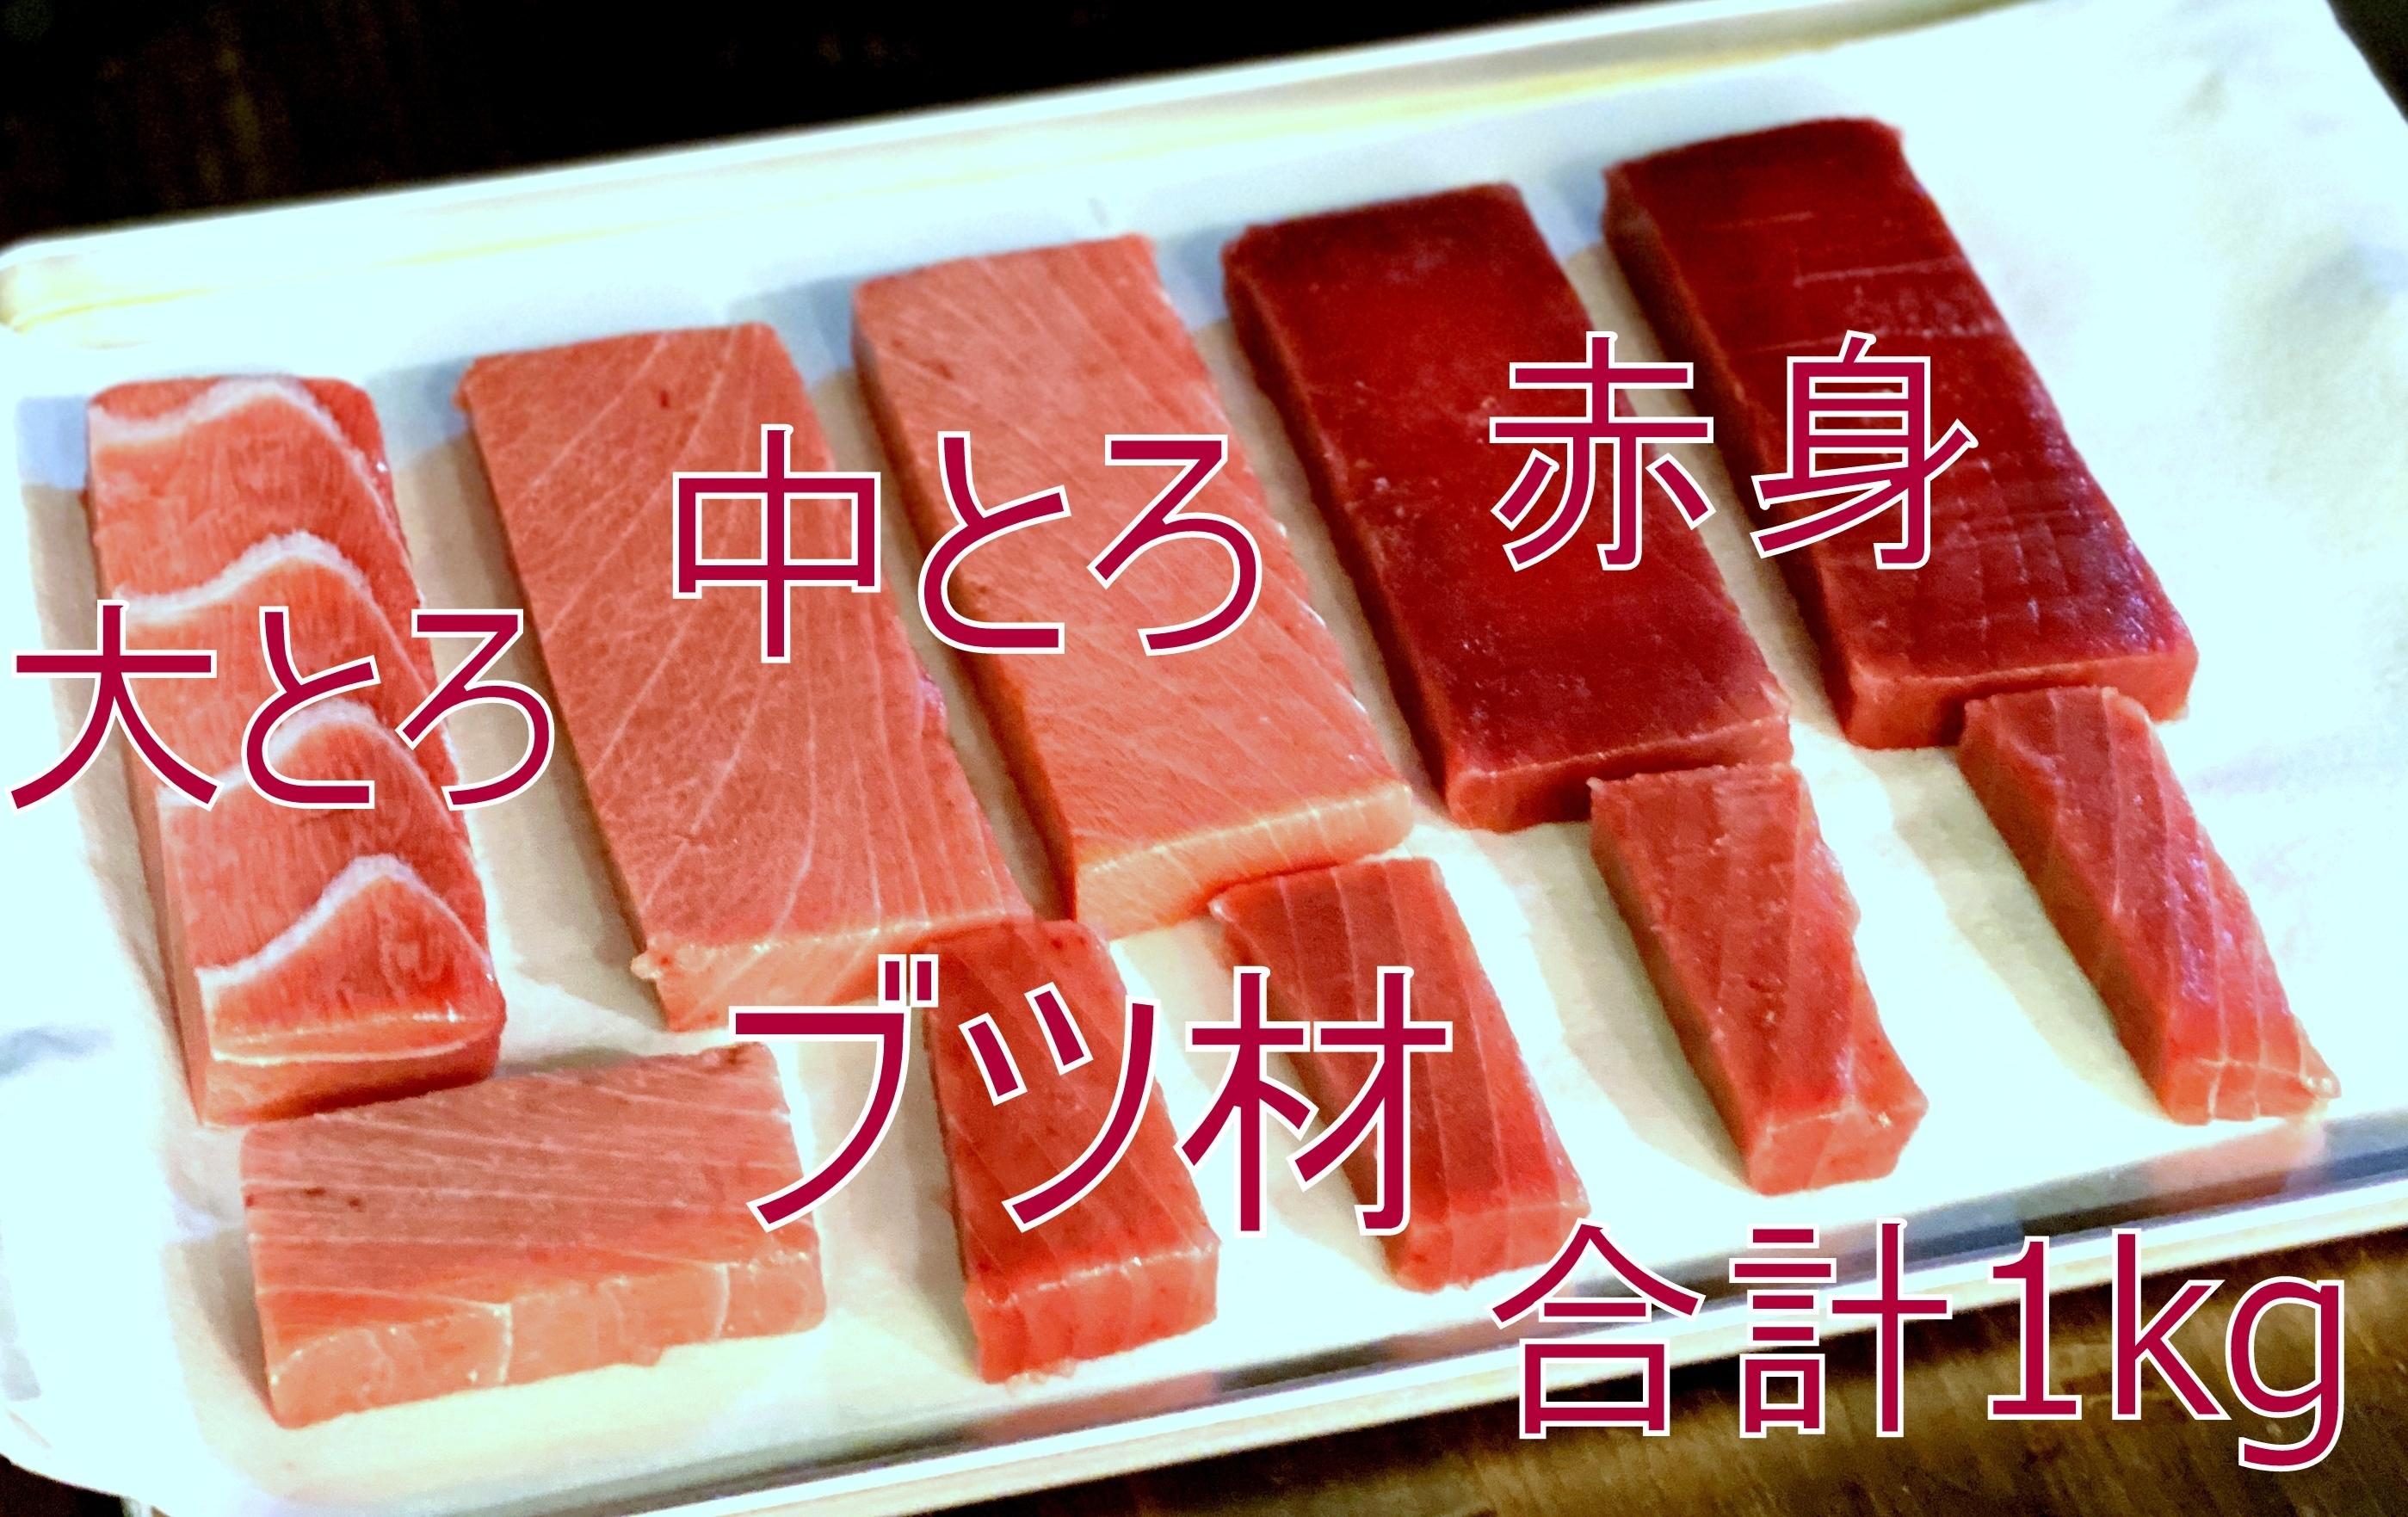 (0055)冷凍 国産天然本まぐろ(高級鮨店御用達の品)1kgセット